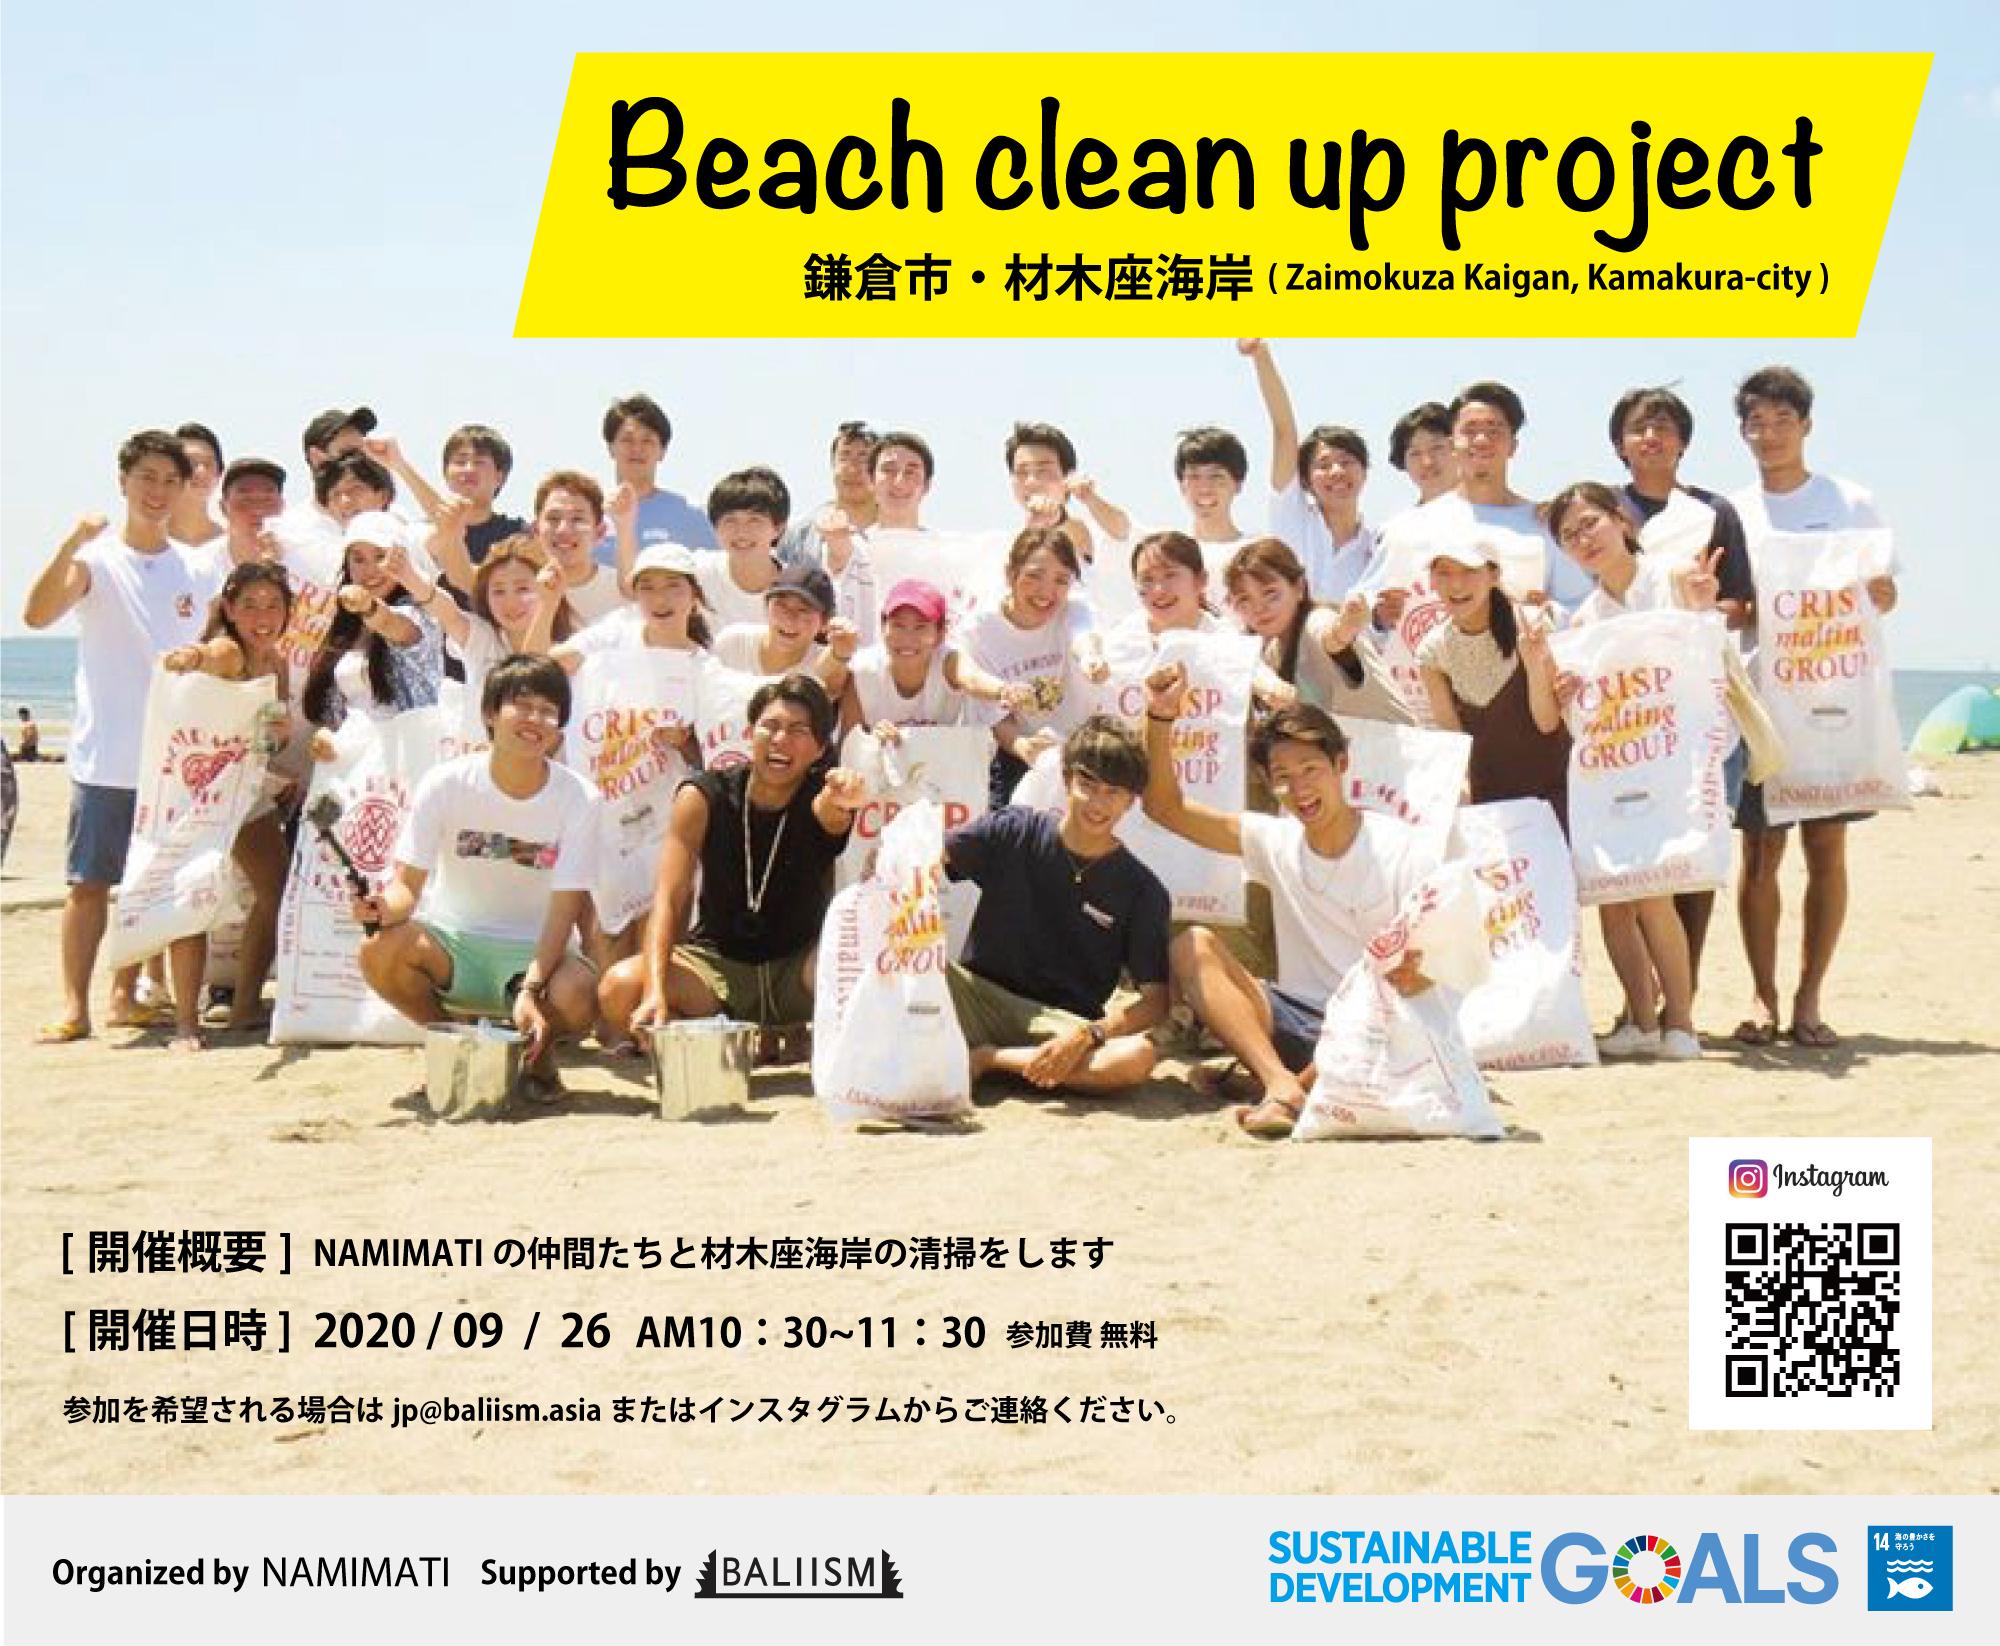 材木座海岸(鎌倉市)でのビーチクリーンイベントのお知らせ